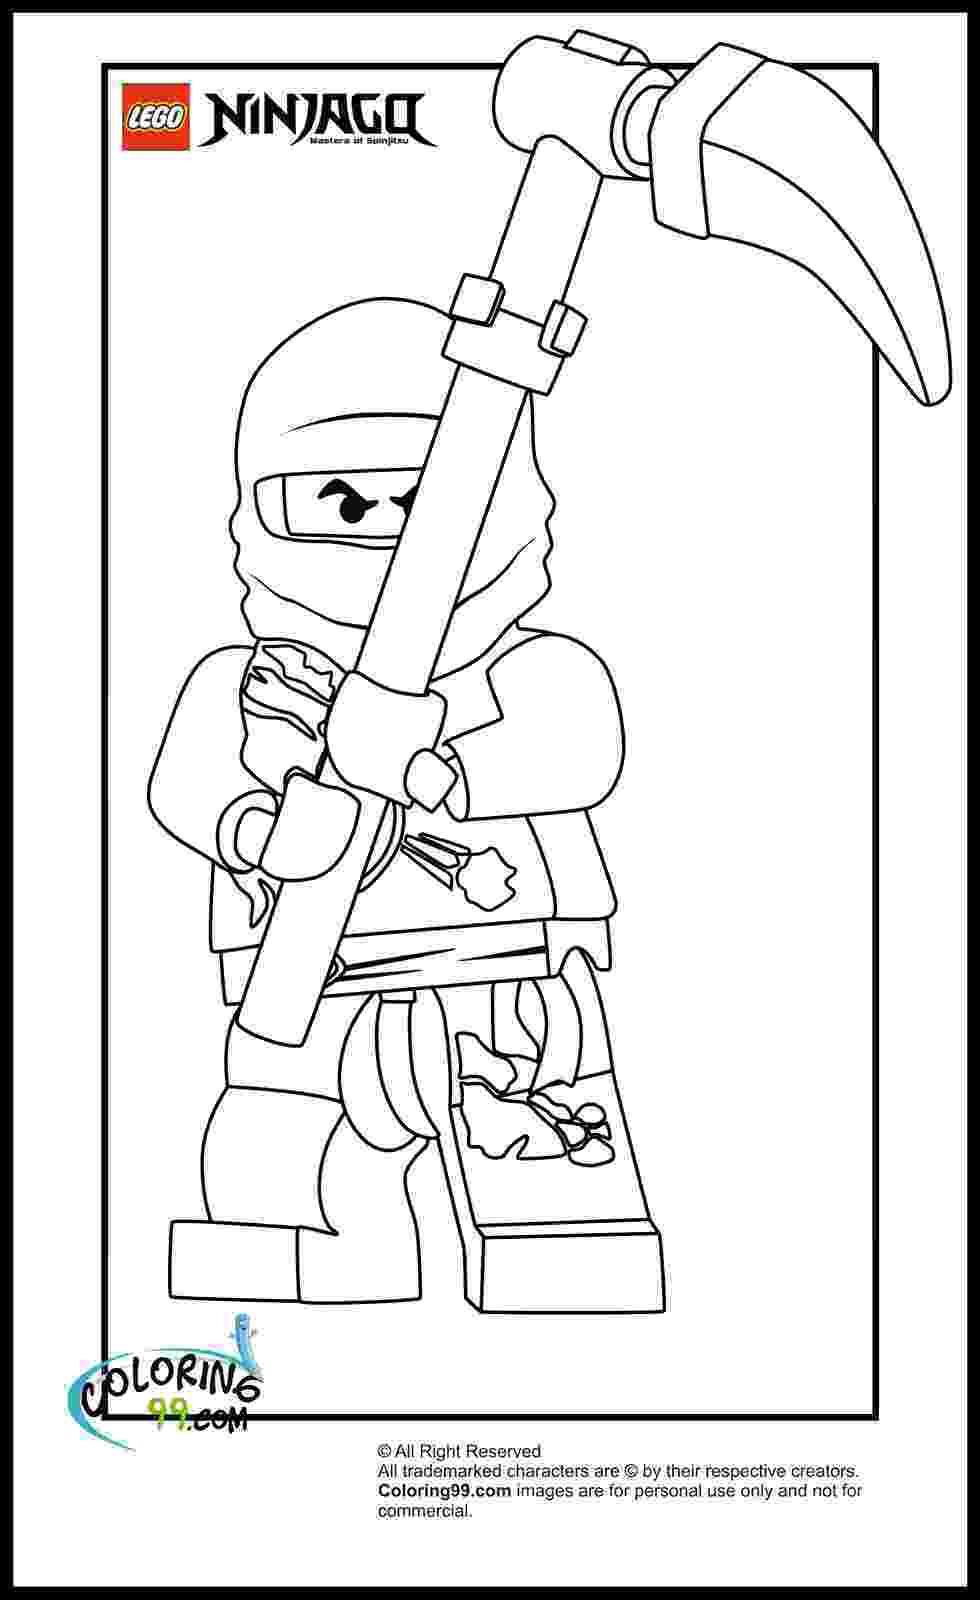 lego ninjago coloring sheets lego ninjago coloring page jay the brick show sheets ninjago coloring lego